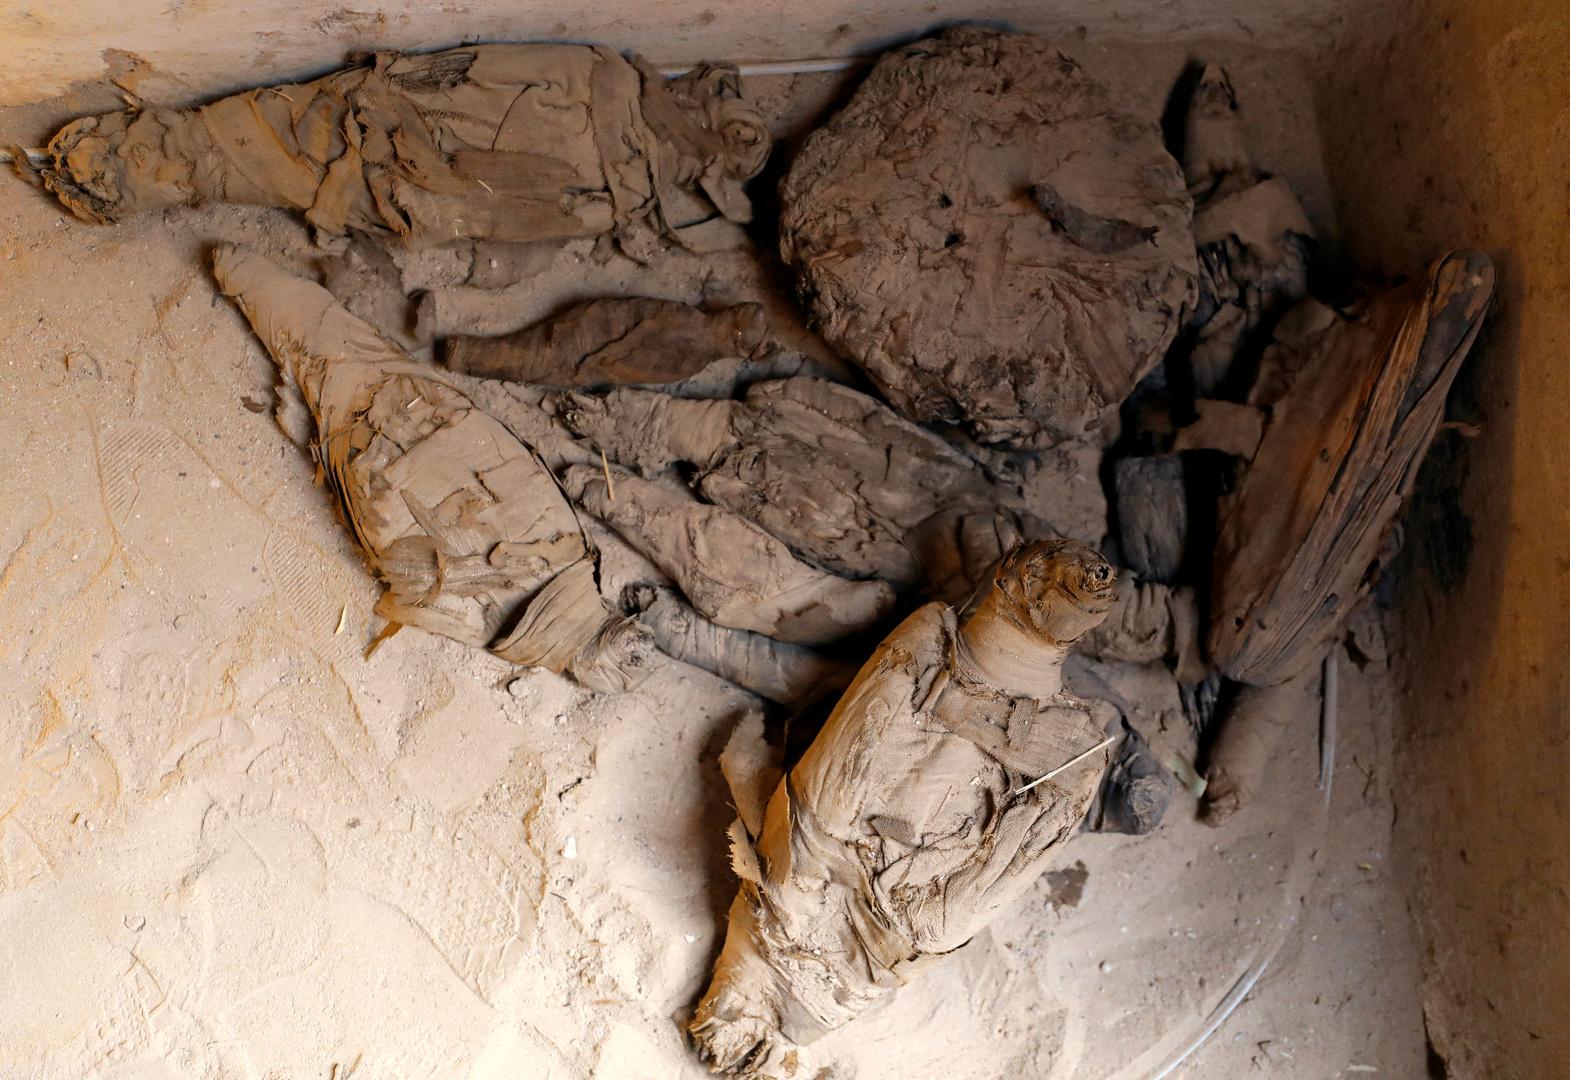 العلماء يحللون مومياء قرود عمرها 3300 عام لتحديد موقع